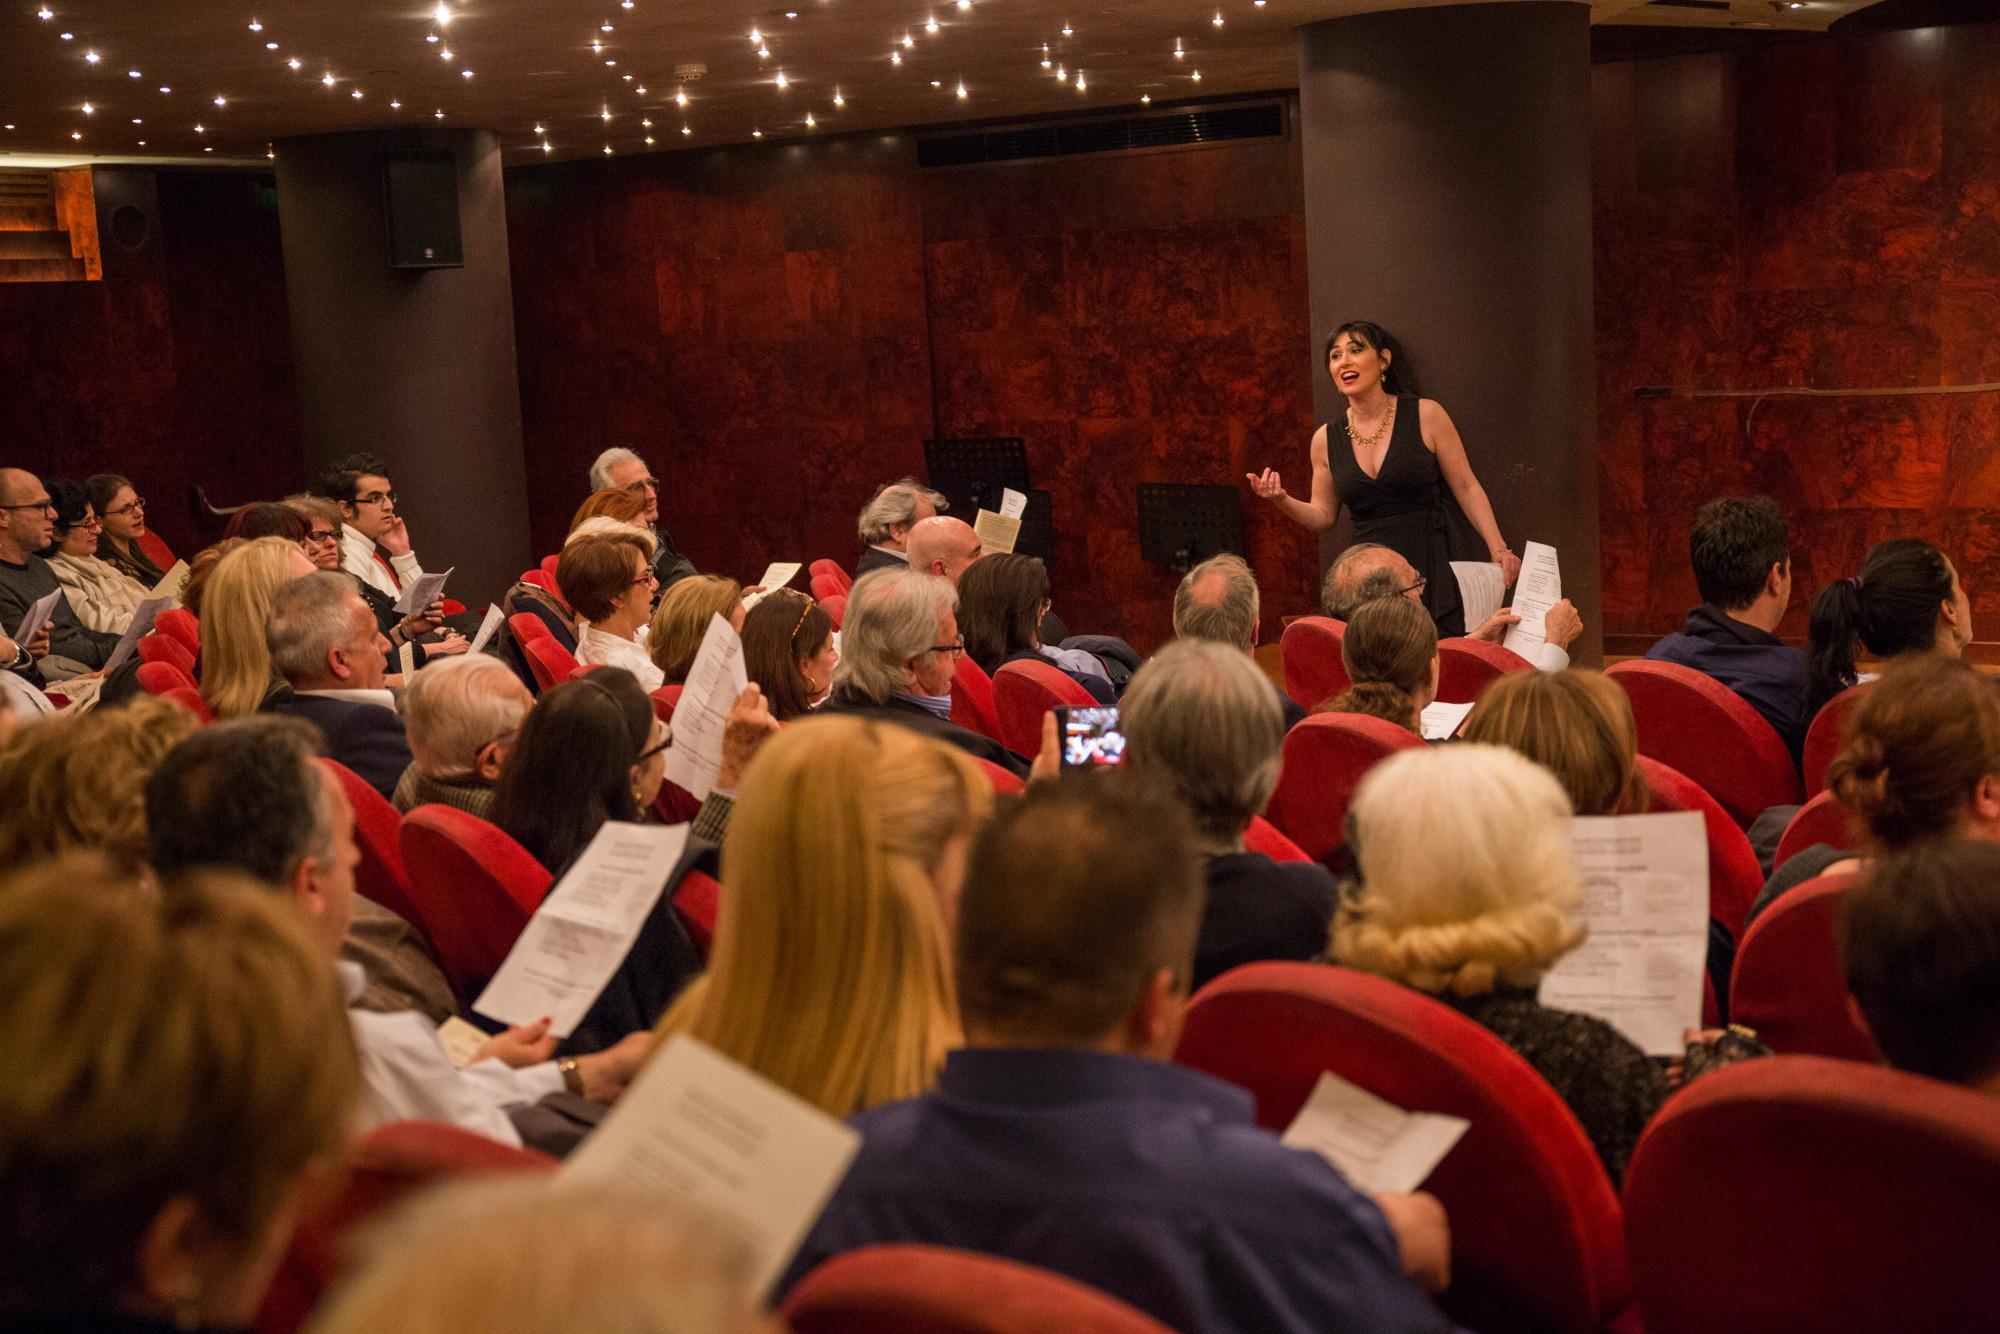 Οι Μεγάλες Άριες της Όπερας | Το Λυρικό Γκαλά  Η Συμμετοχική Όπερα Γιορτάζει 10 Χρόνια!